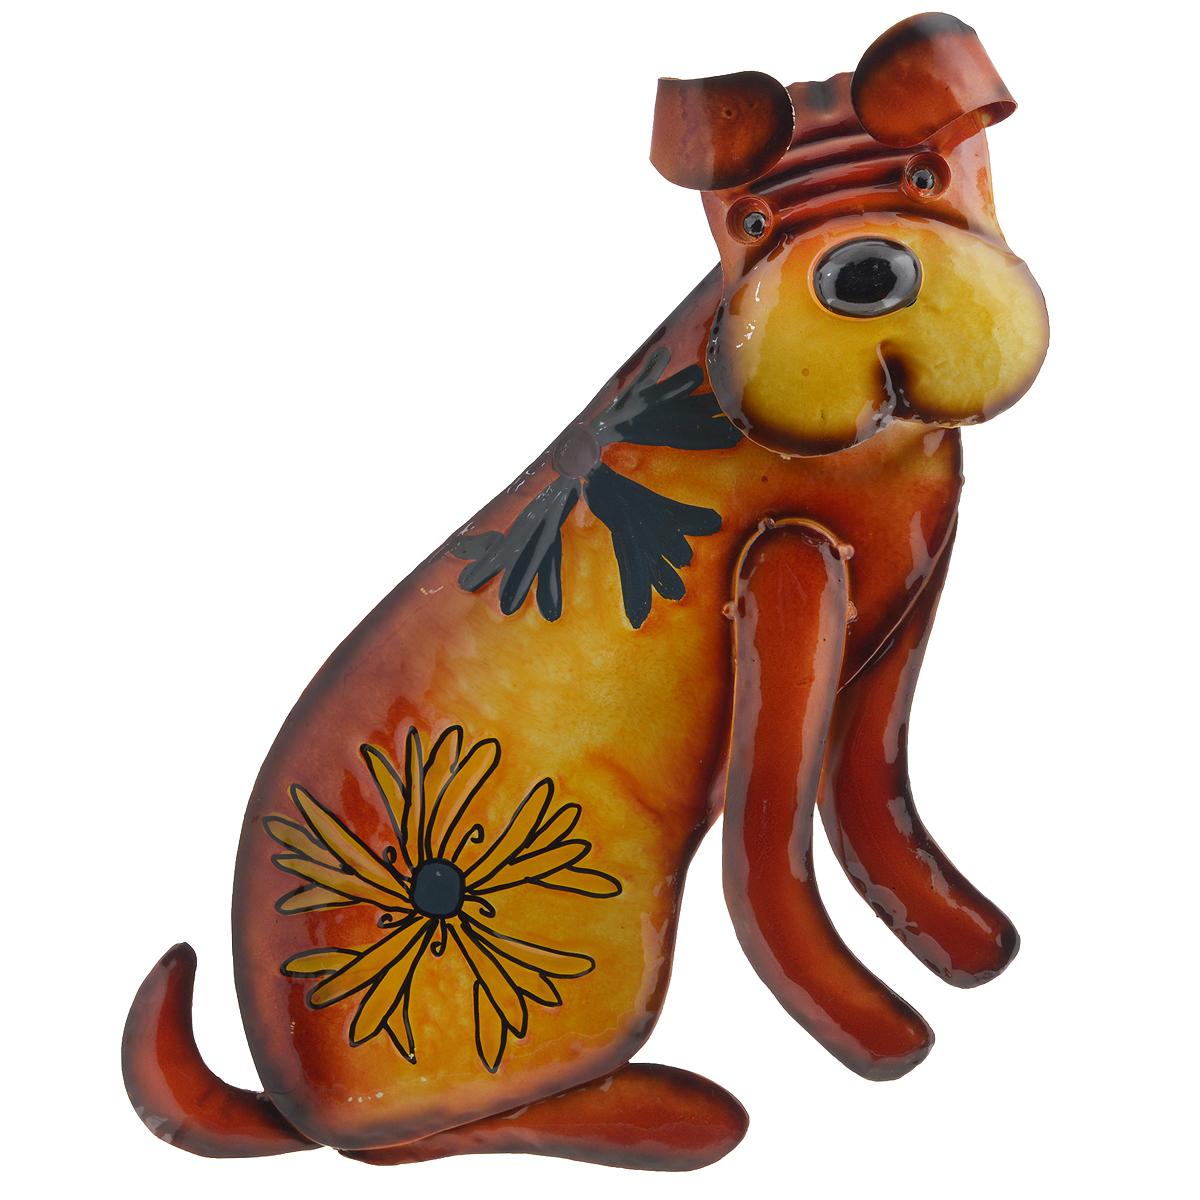 Панно декоративное настенное Molento Собака. 576-056THN132NДекоративное настенное панно Molento Собака, изготовленное из металла, позволит вам украсить интерьер дома, рабочего кабинета или любого другого помещения оригинальным образом. Изделие выполнено в виде собаки, оформленной изображением цветов. Голова собаки подвижна благодаря пружине, на которую она крепиться к телу. Панно имеет рельефную поверхность и оснащено специальным отверстием для подвешивания.С таким панно вы сможете не просто внести в интерьер элемент оригинальности, но и создать атмосферу загадочности и изысканности.